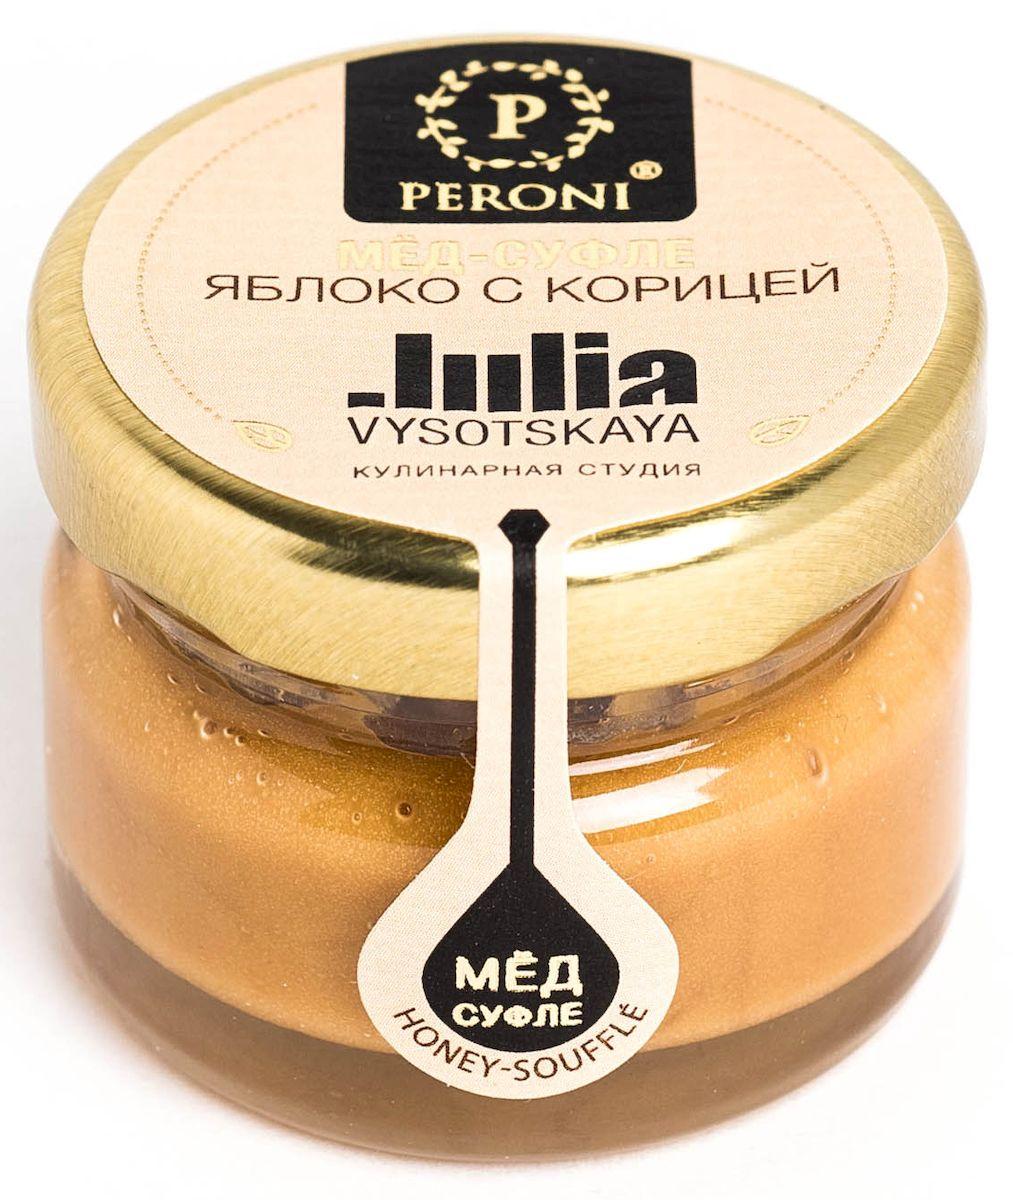 Peroni Яблоко с корицей мед-суфле, 30 г медовая серия peroni вкус россии premium 4 x 30 мл